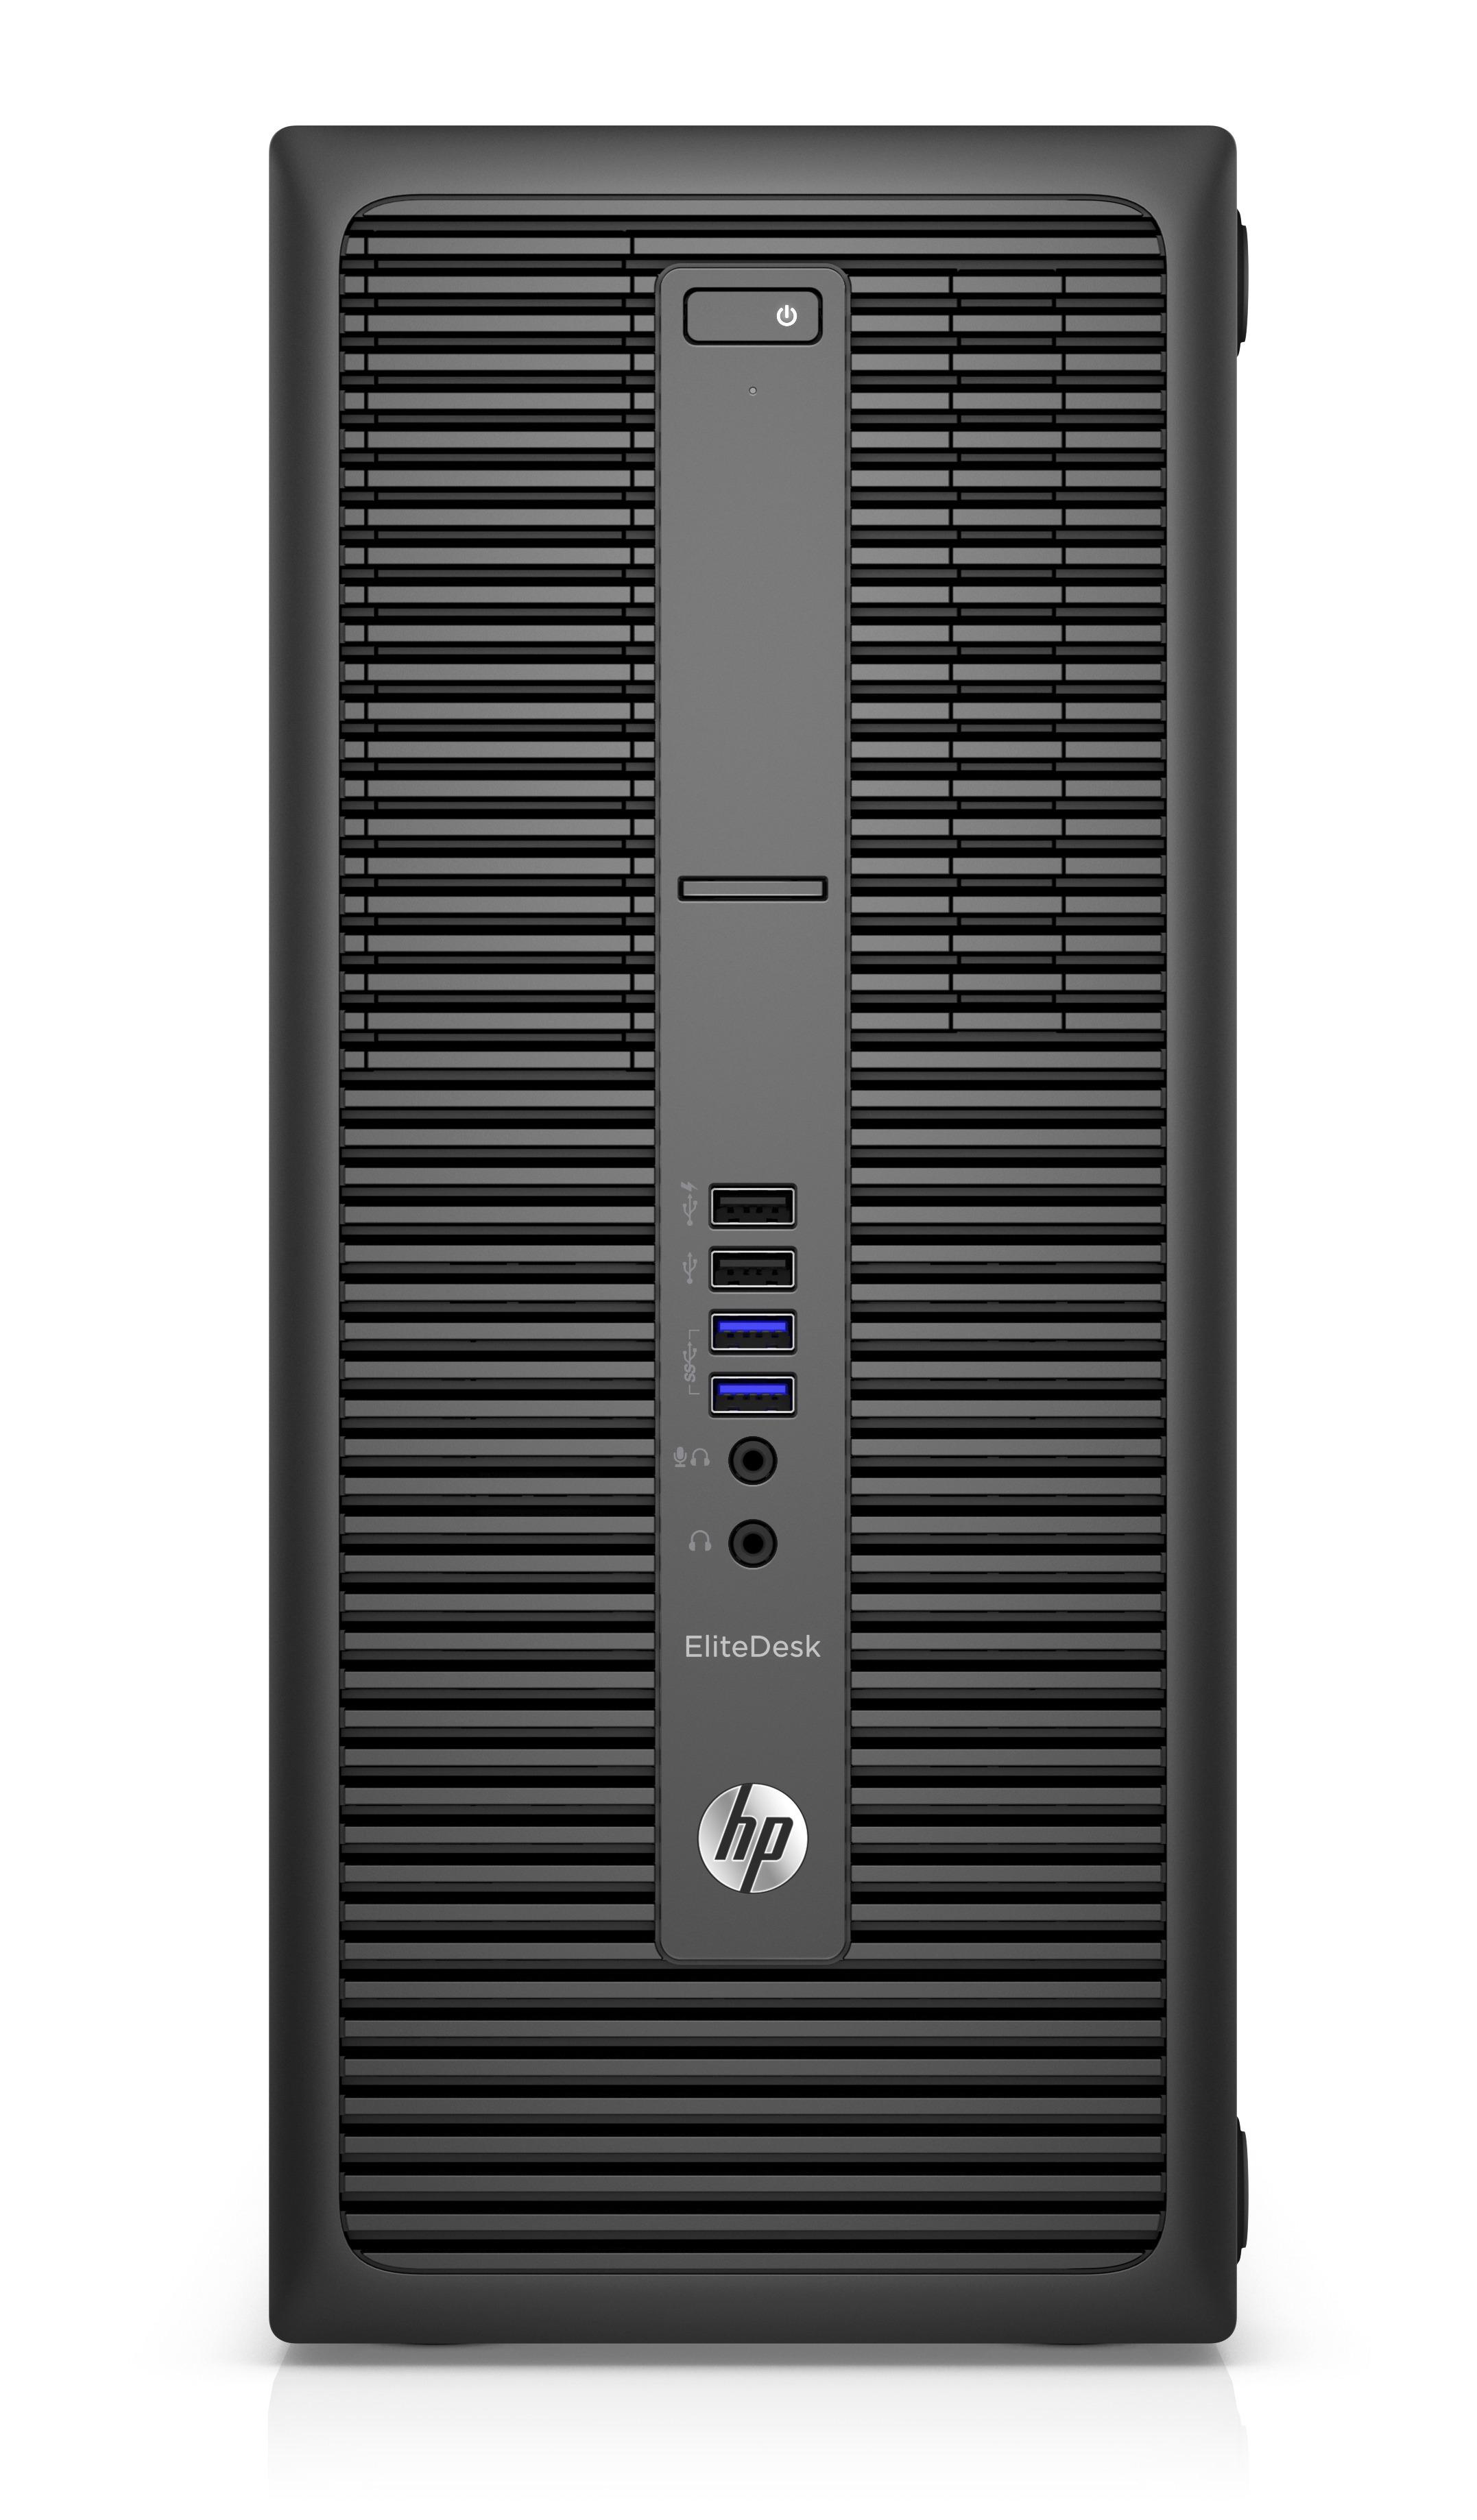 HP EliteDesk 800 G2 MT 3.2GHz i5-6500 Micro Tower Black